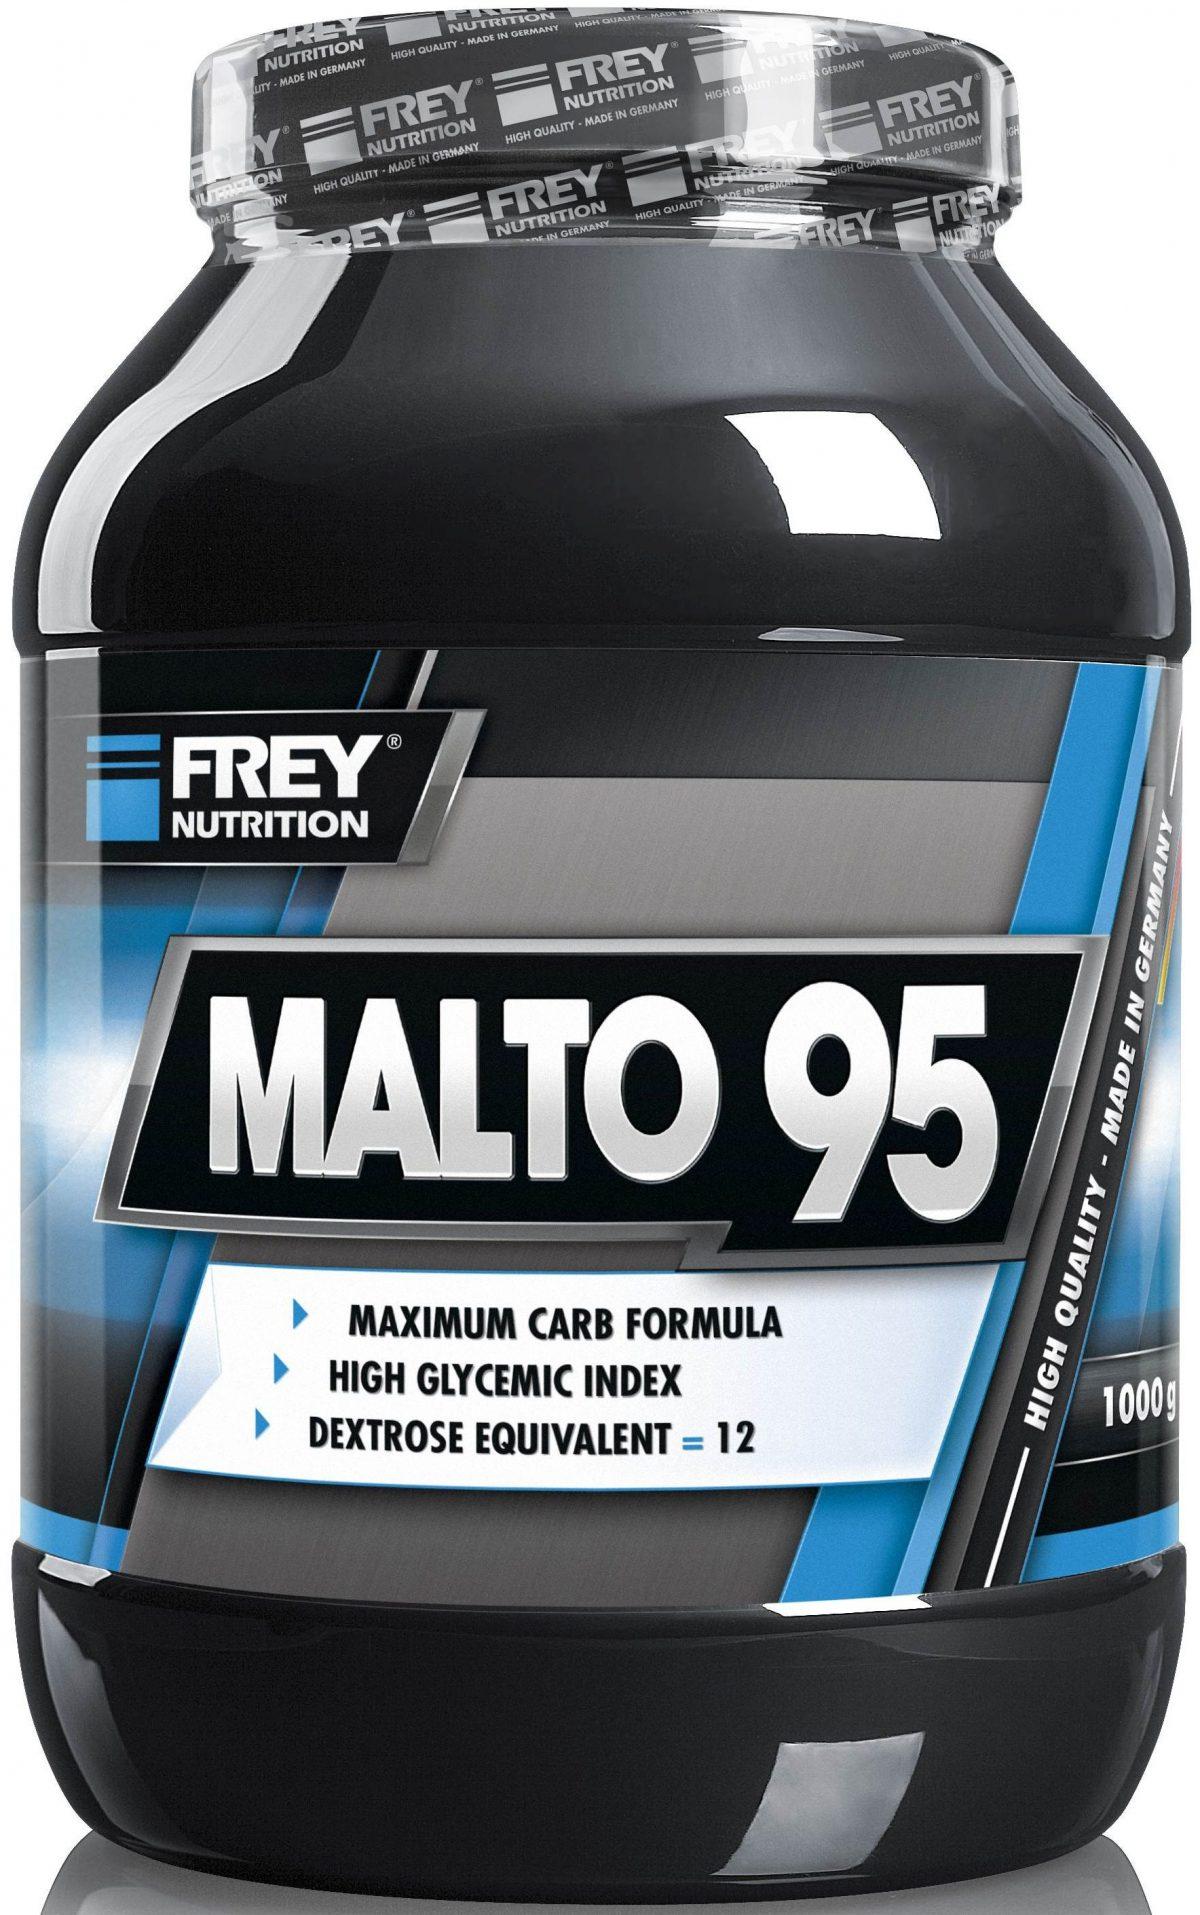 Frey Nutrition Malto 95 - 1000g Dose